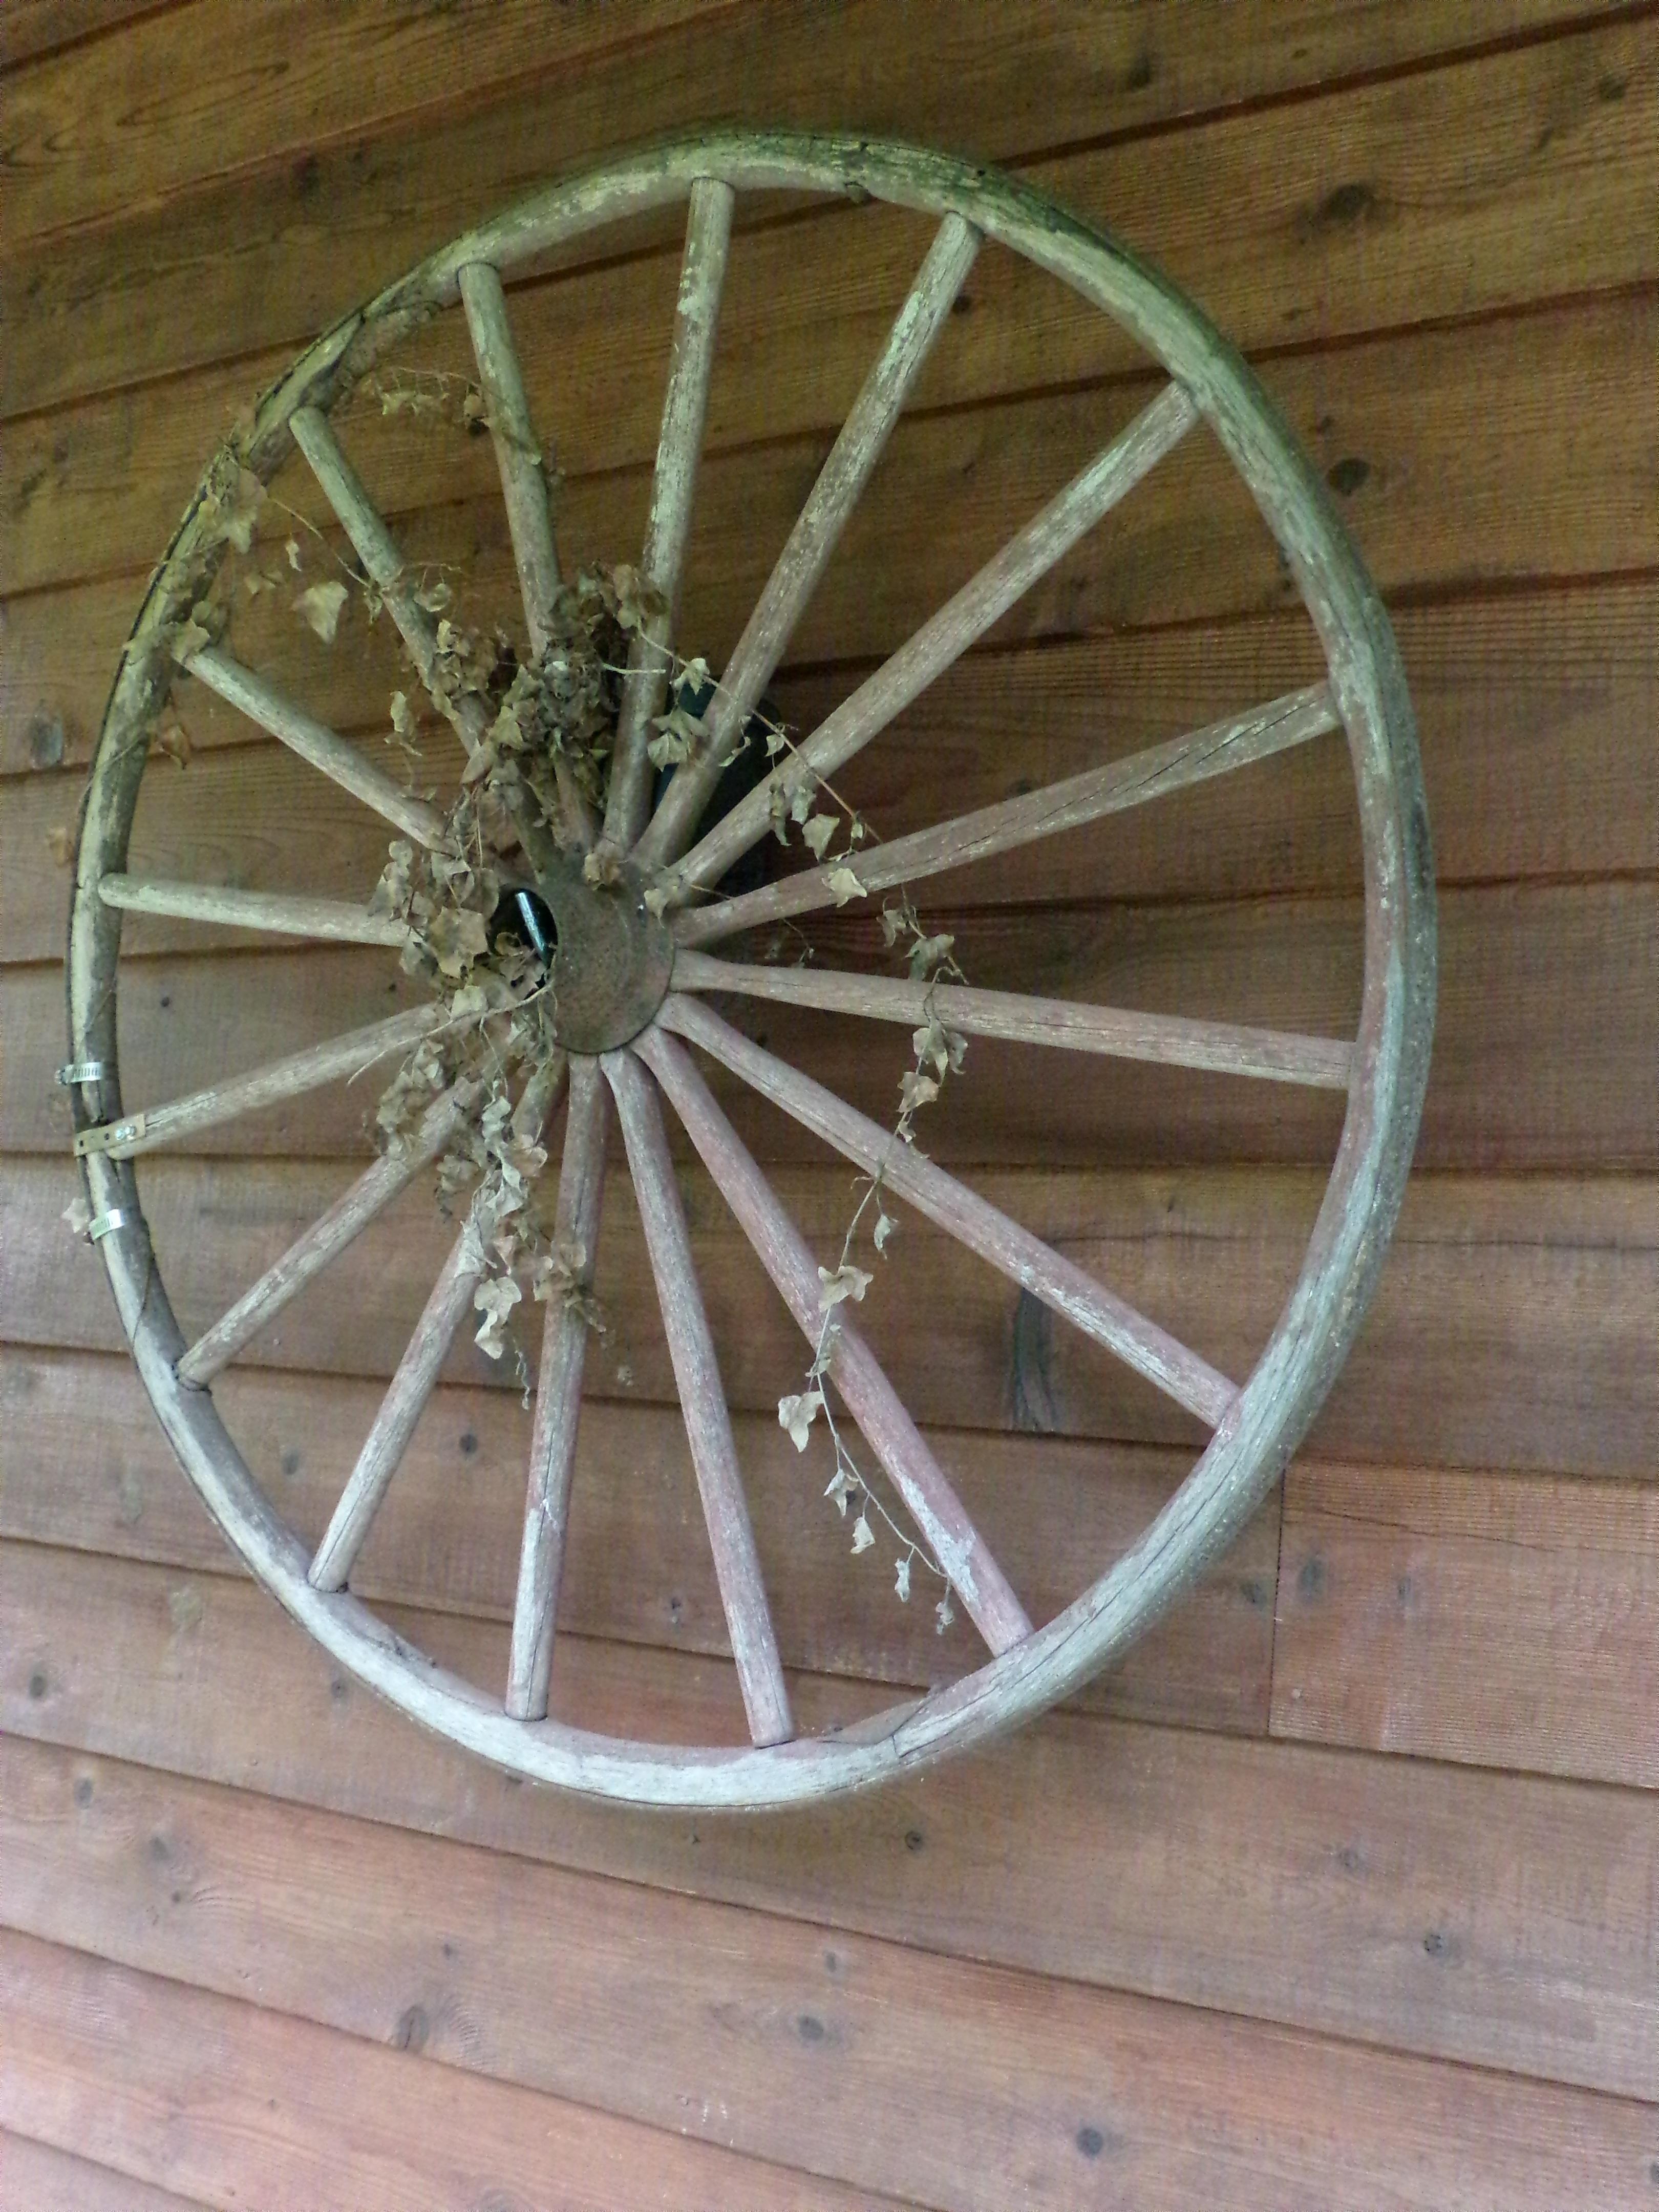 Kostenlose foto : Holz, Jahrgang, Antiquität, Rad, Wagen, Retro ...